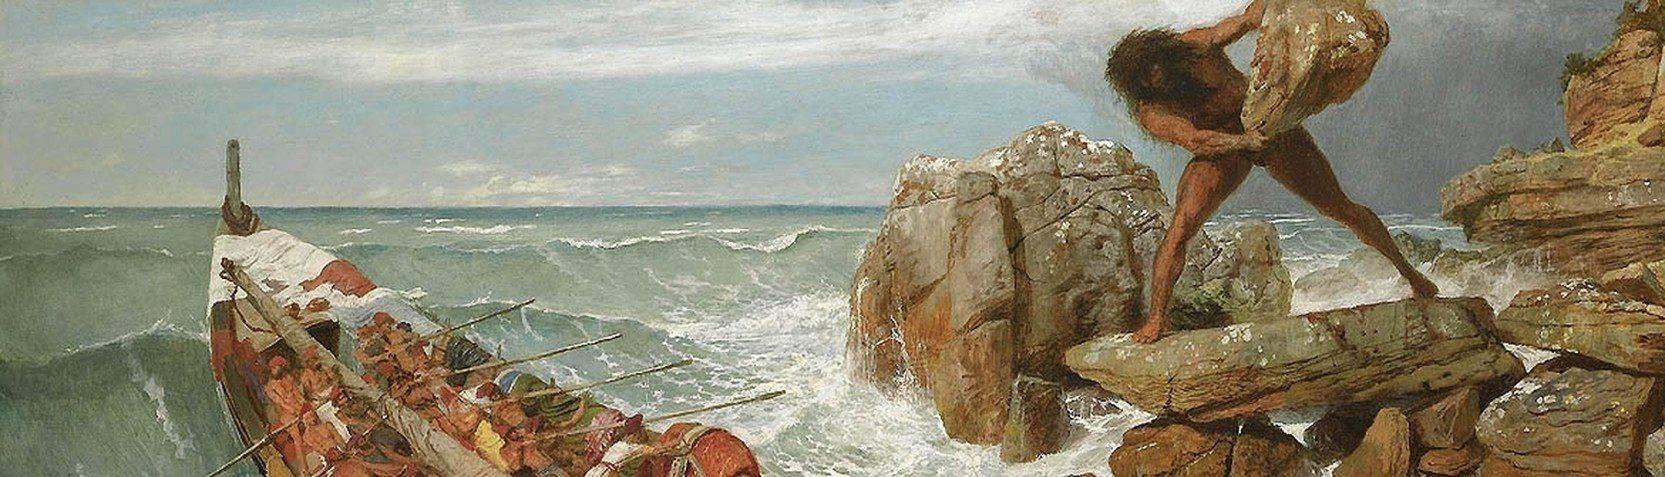 Artisti - Arnold Böcklin